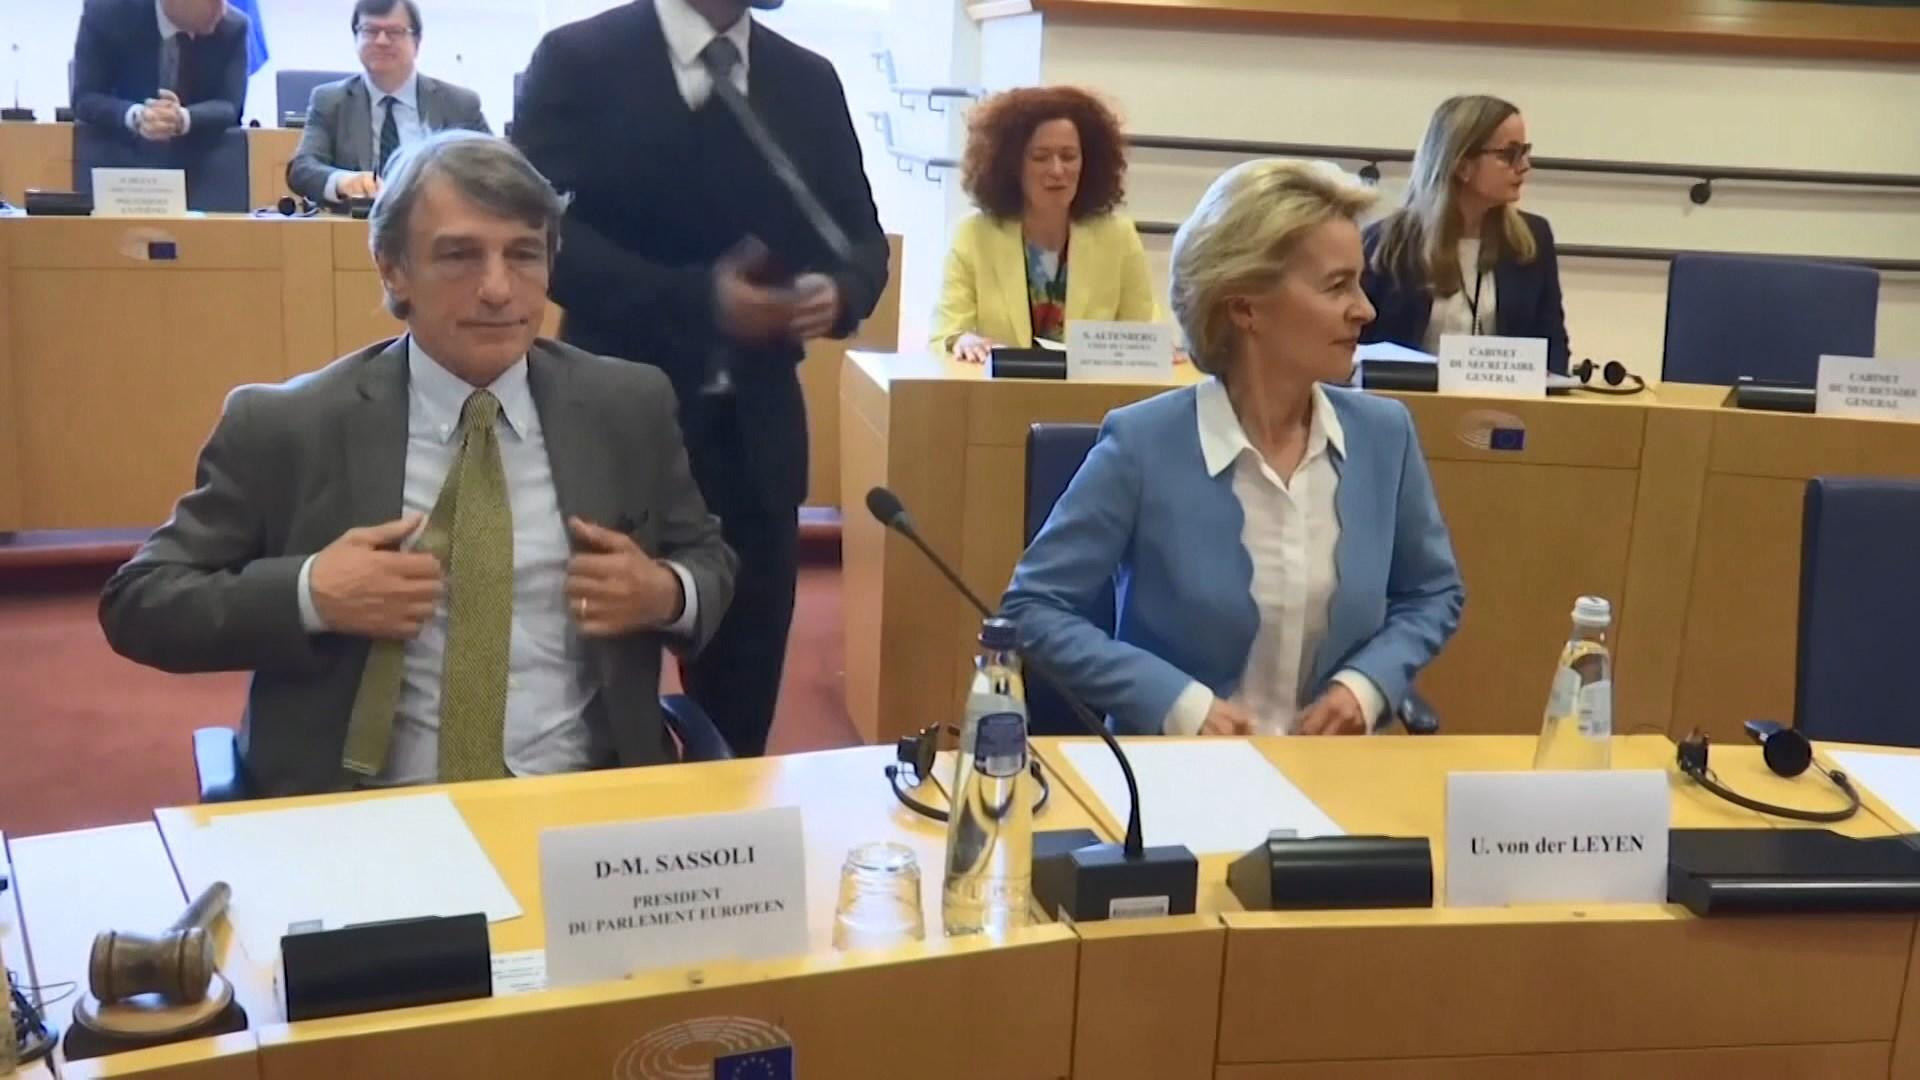 馮德萊恩辭德國防長 預備任歐盟委員會主席